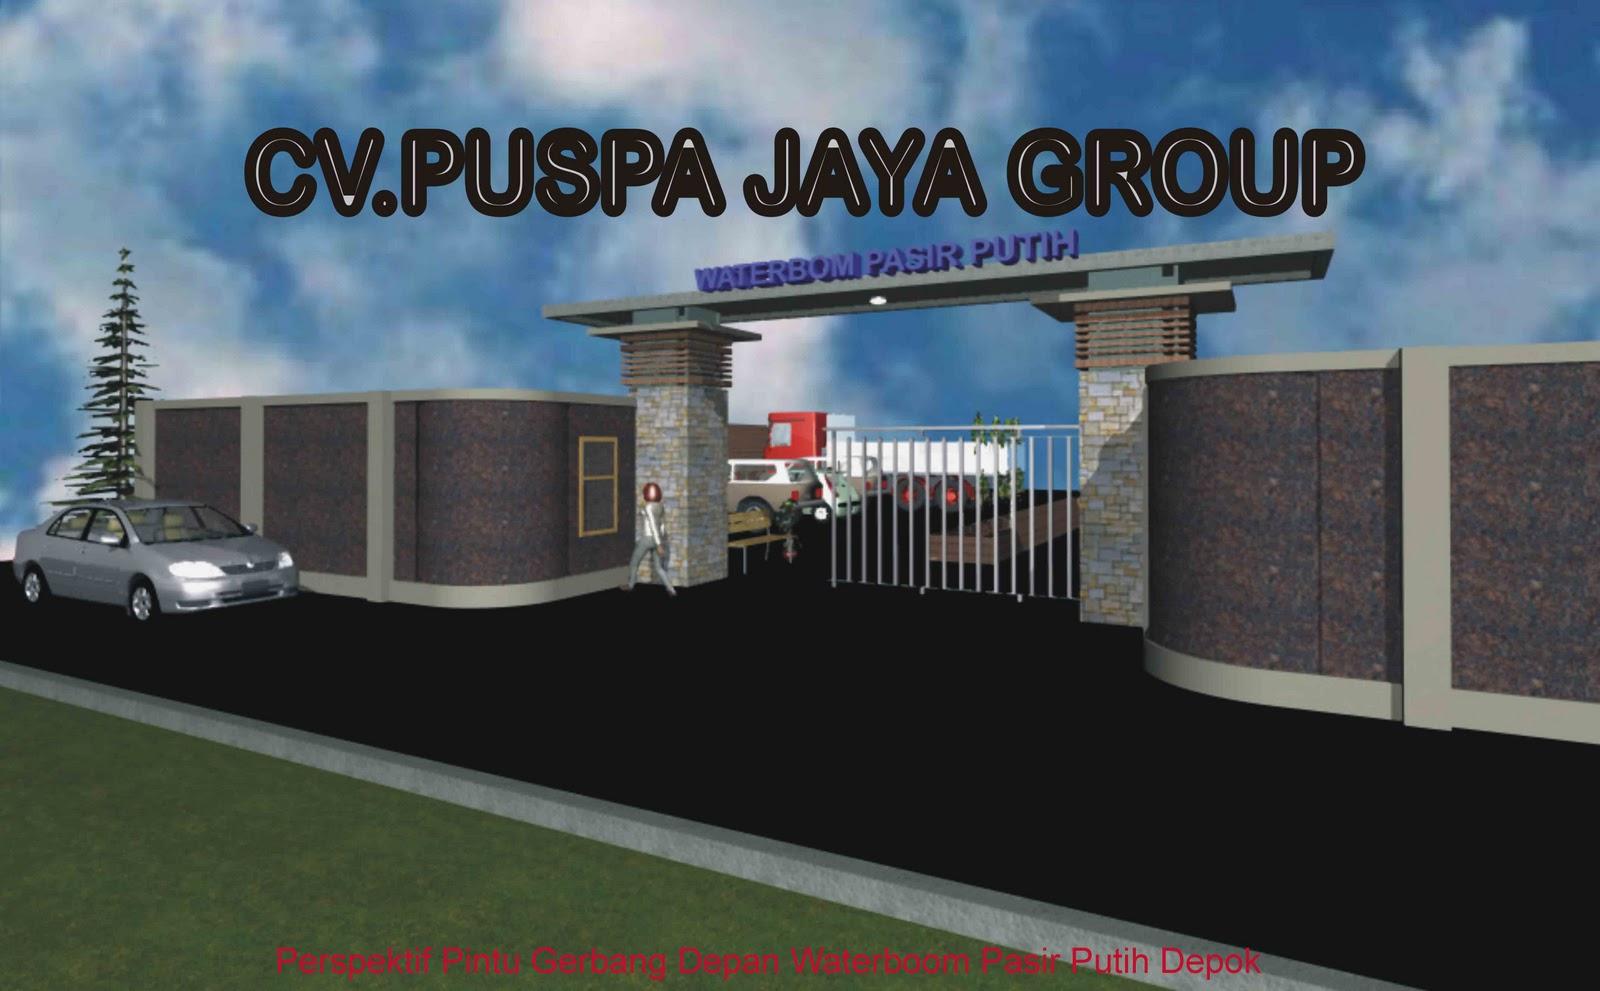 Download image Desain 3d Perspektif Pintu Gerbang Depan Loket PC ...